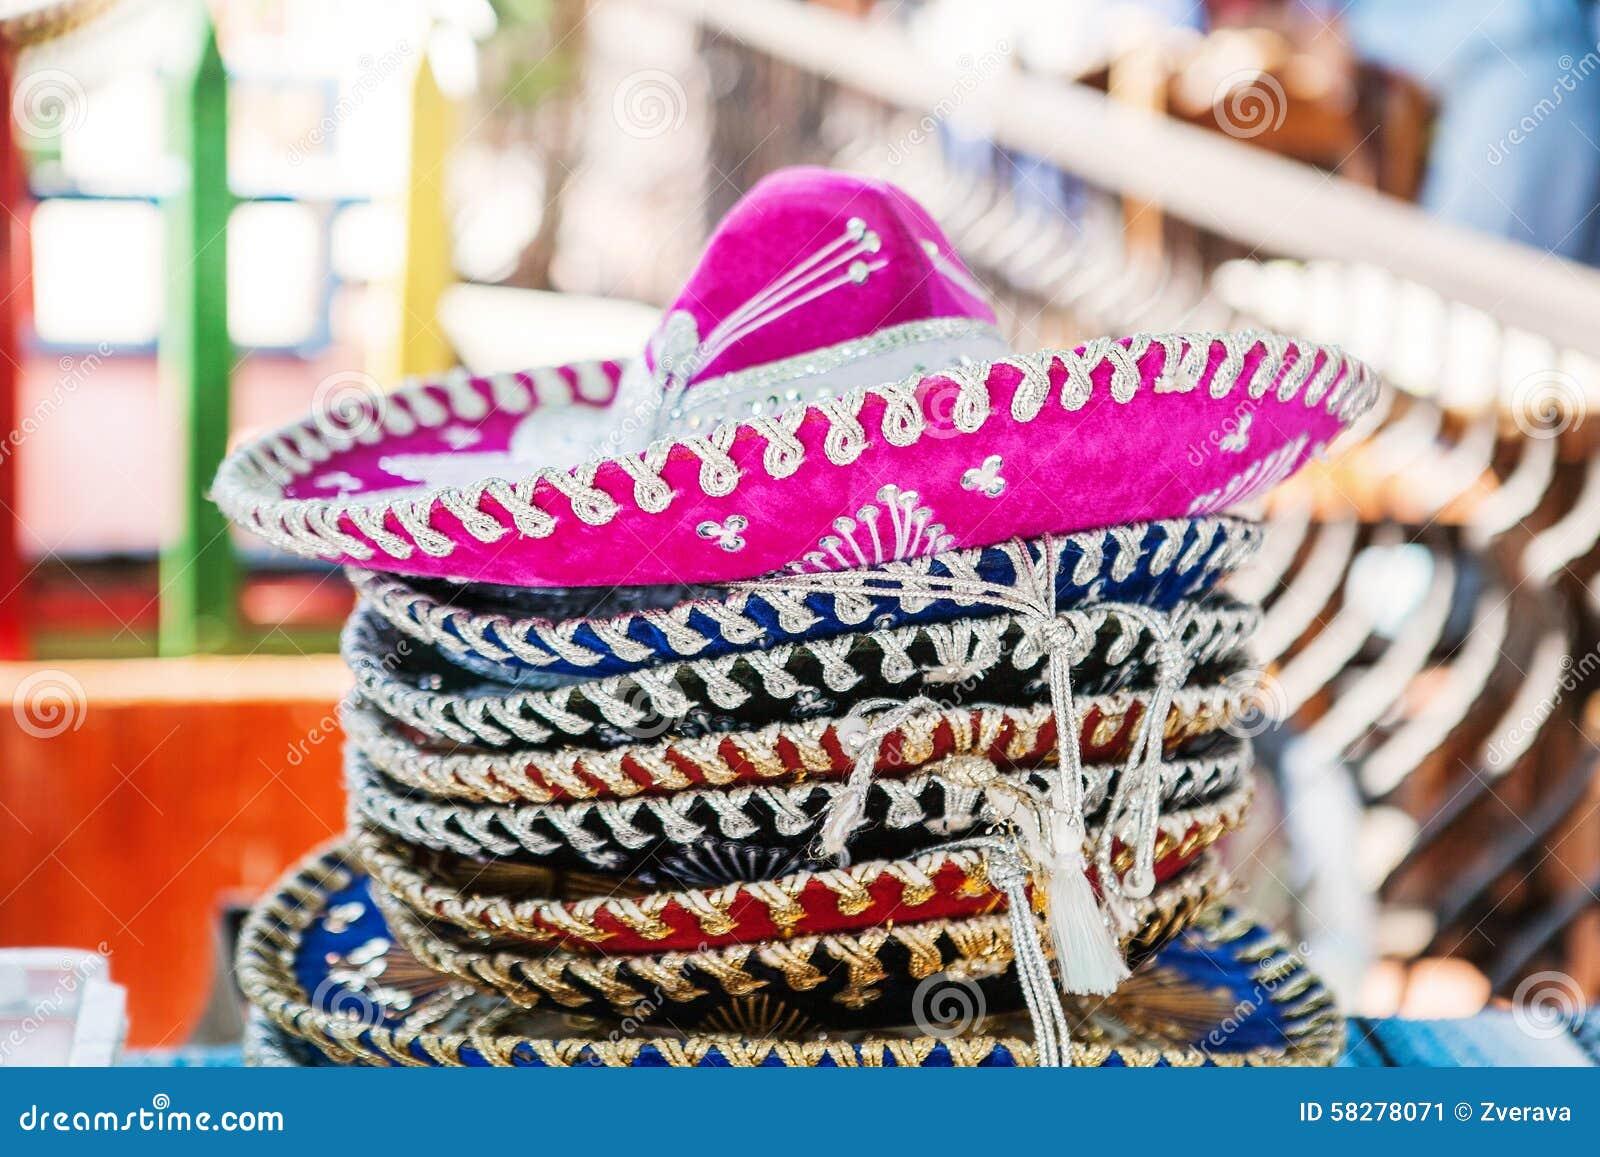 Pila De Sombreros En Un Mercado En México Imagen de archivo - Imagen ... 2c3e828ce13